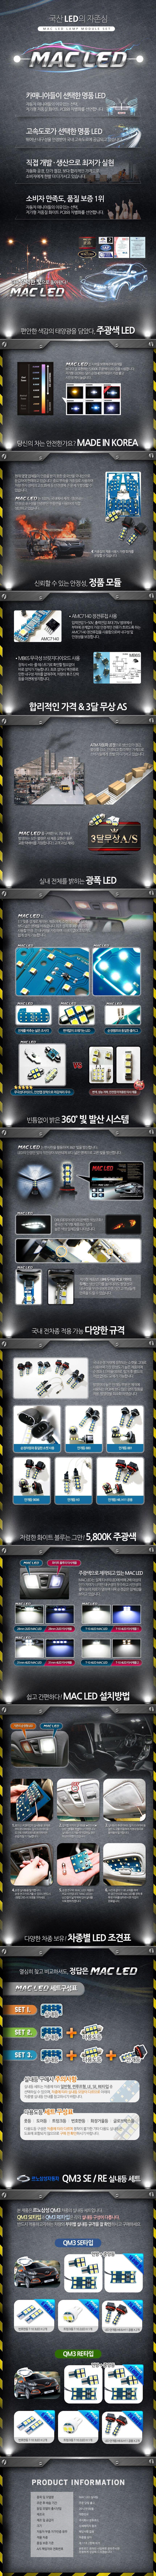 mac_led_qm3_se_re_b2b.jpg